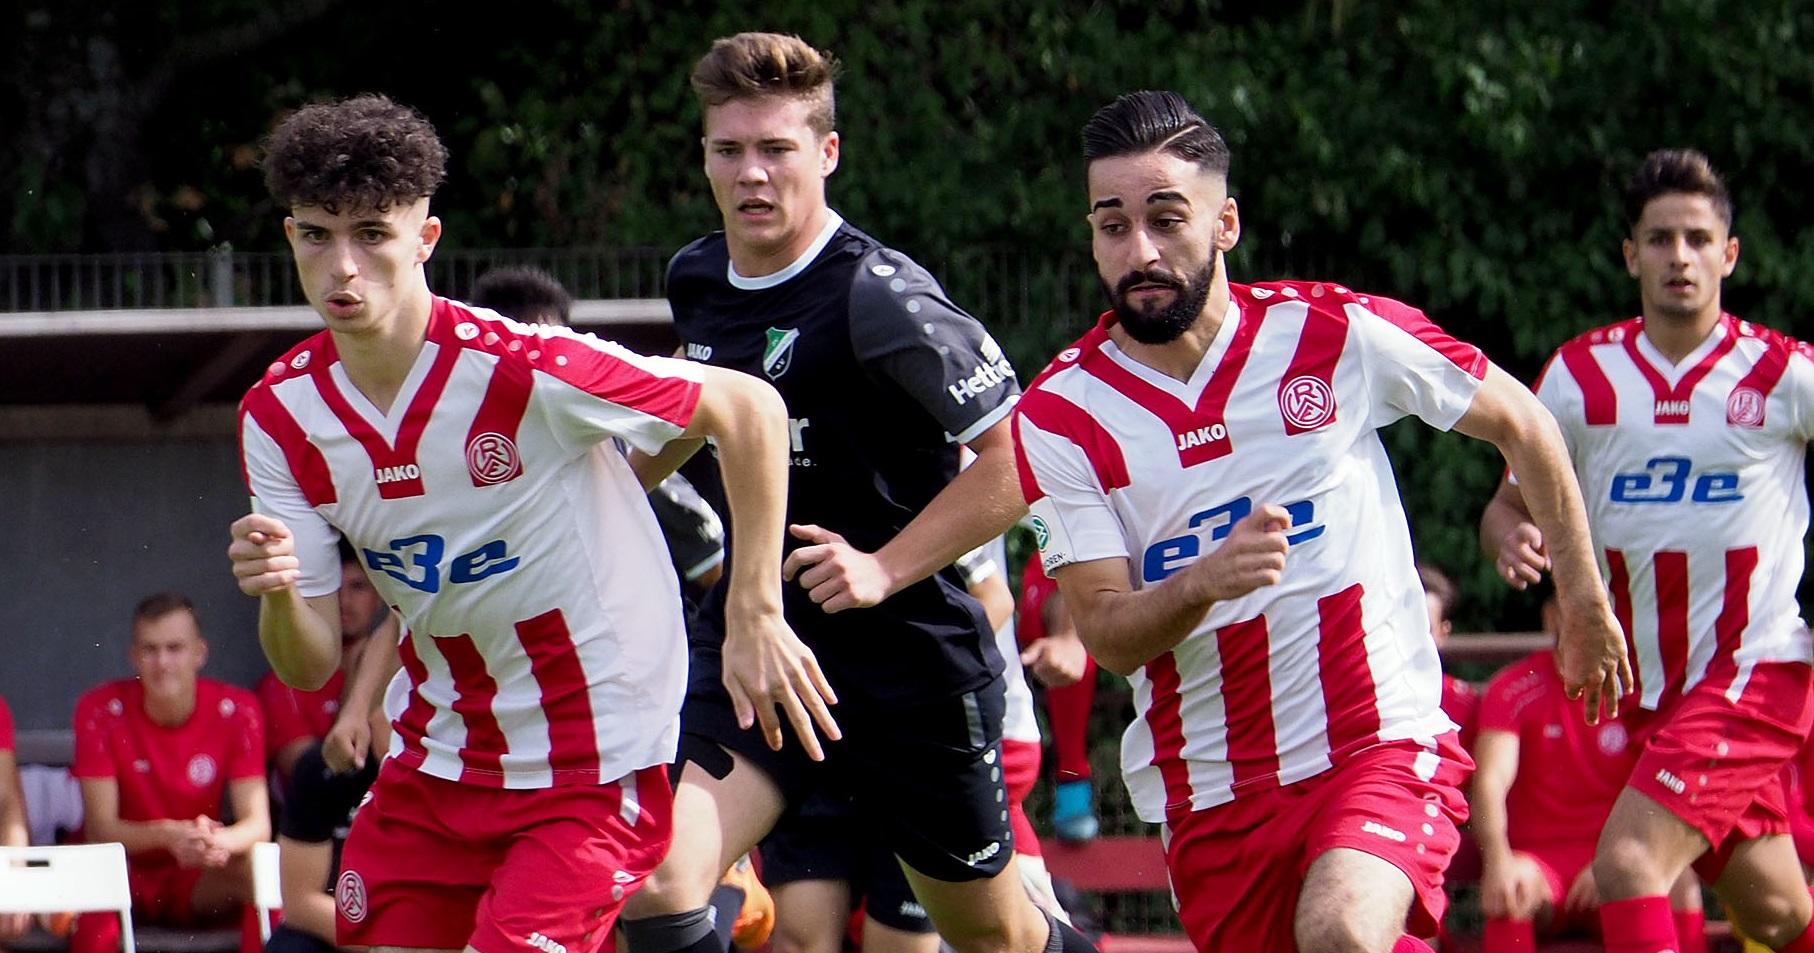 Die RWE-U19 möchte am Sonntag gegen den MSV Duisburg punkten. (Foto: Gohl)